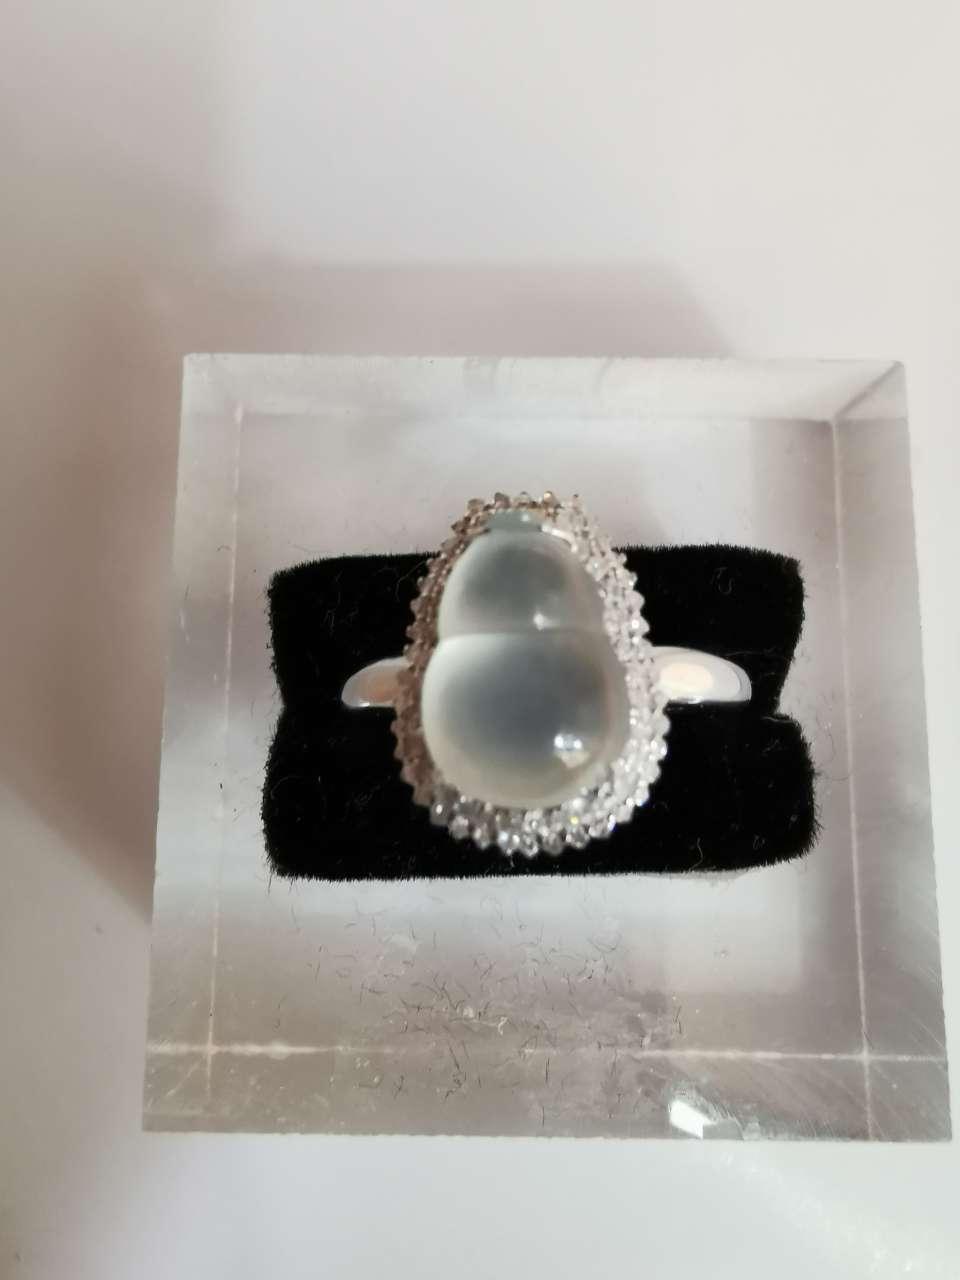 797-1冰种翡翠葫芦戒指 寓意多子多福